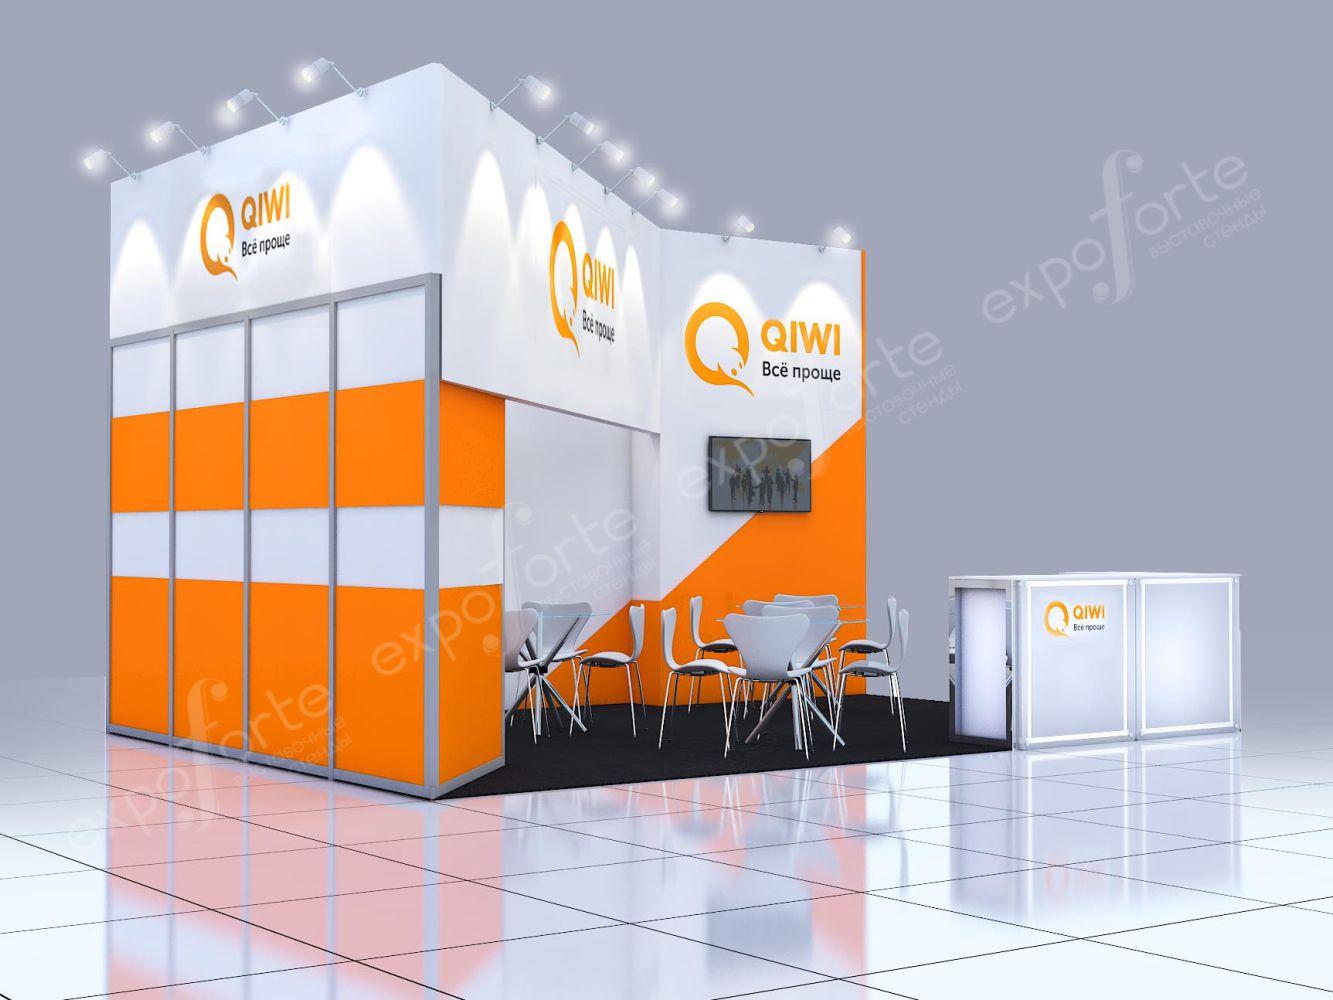 Фото: QIWI, выставка ЛОМ – картинка 3